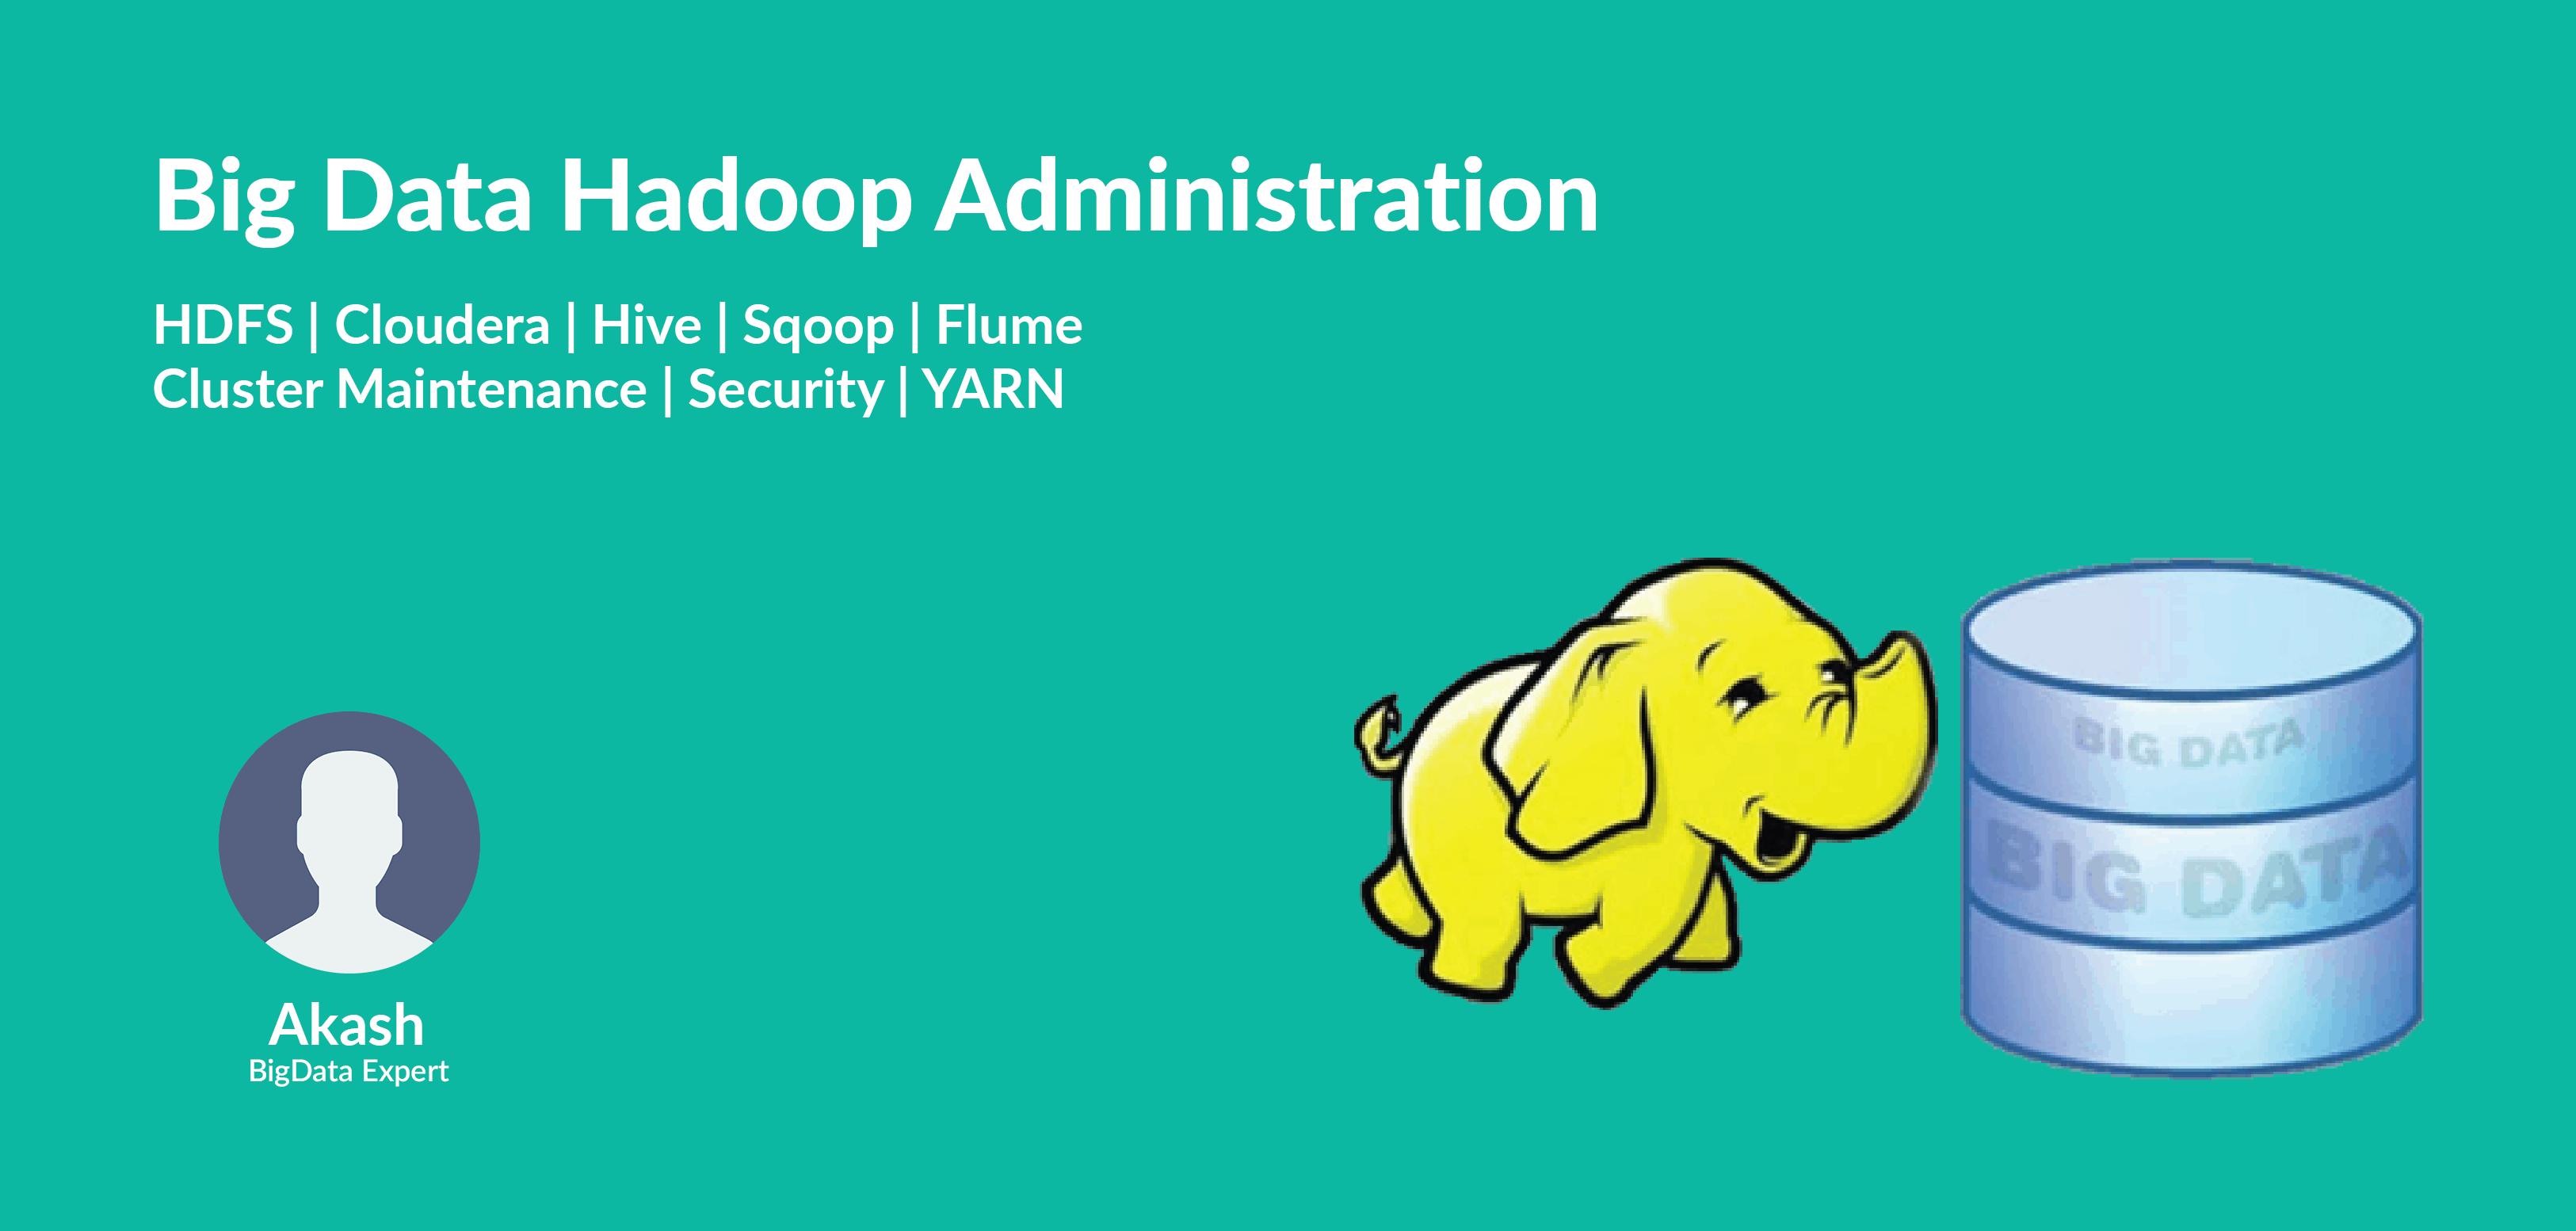 Hadoop Admin Course Feature Image